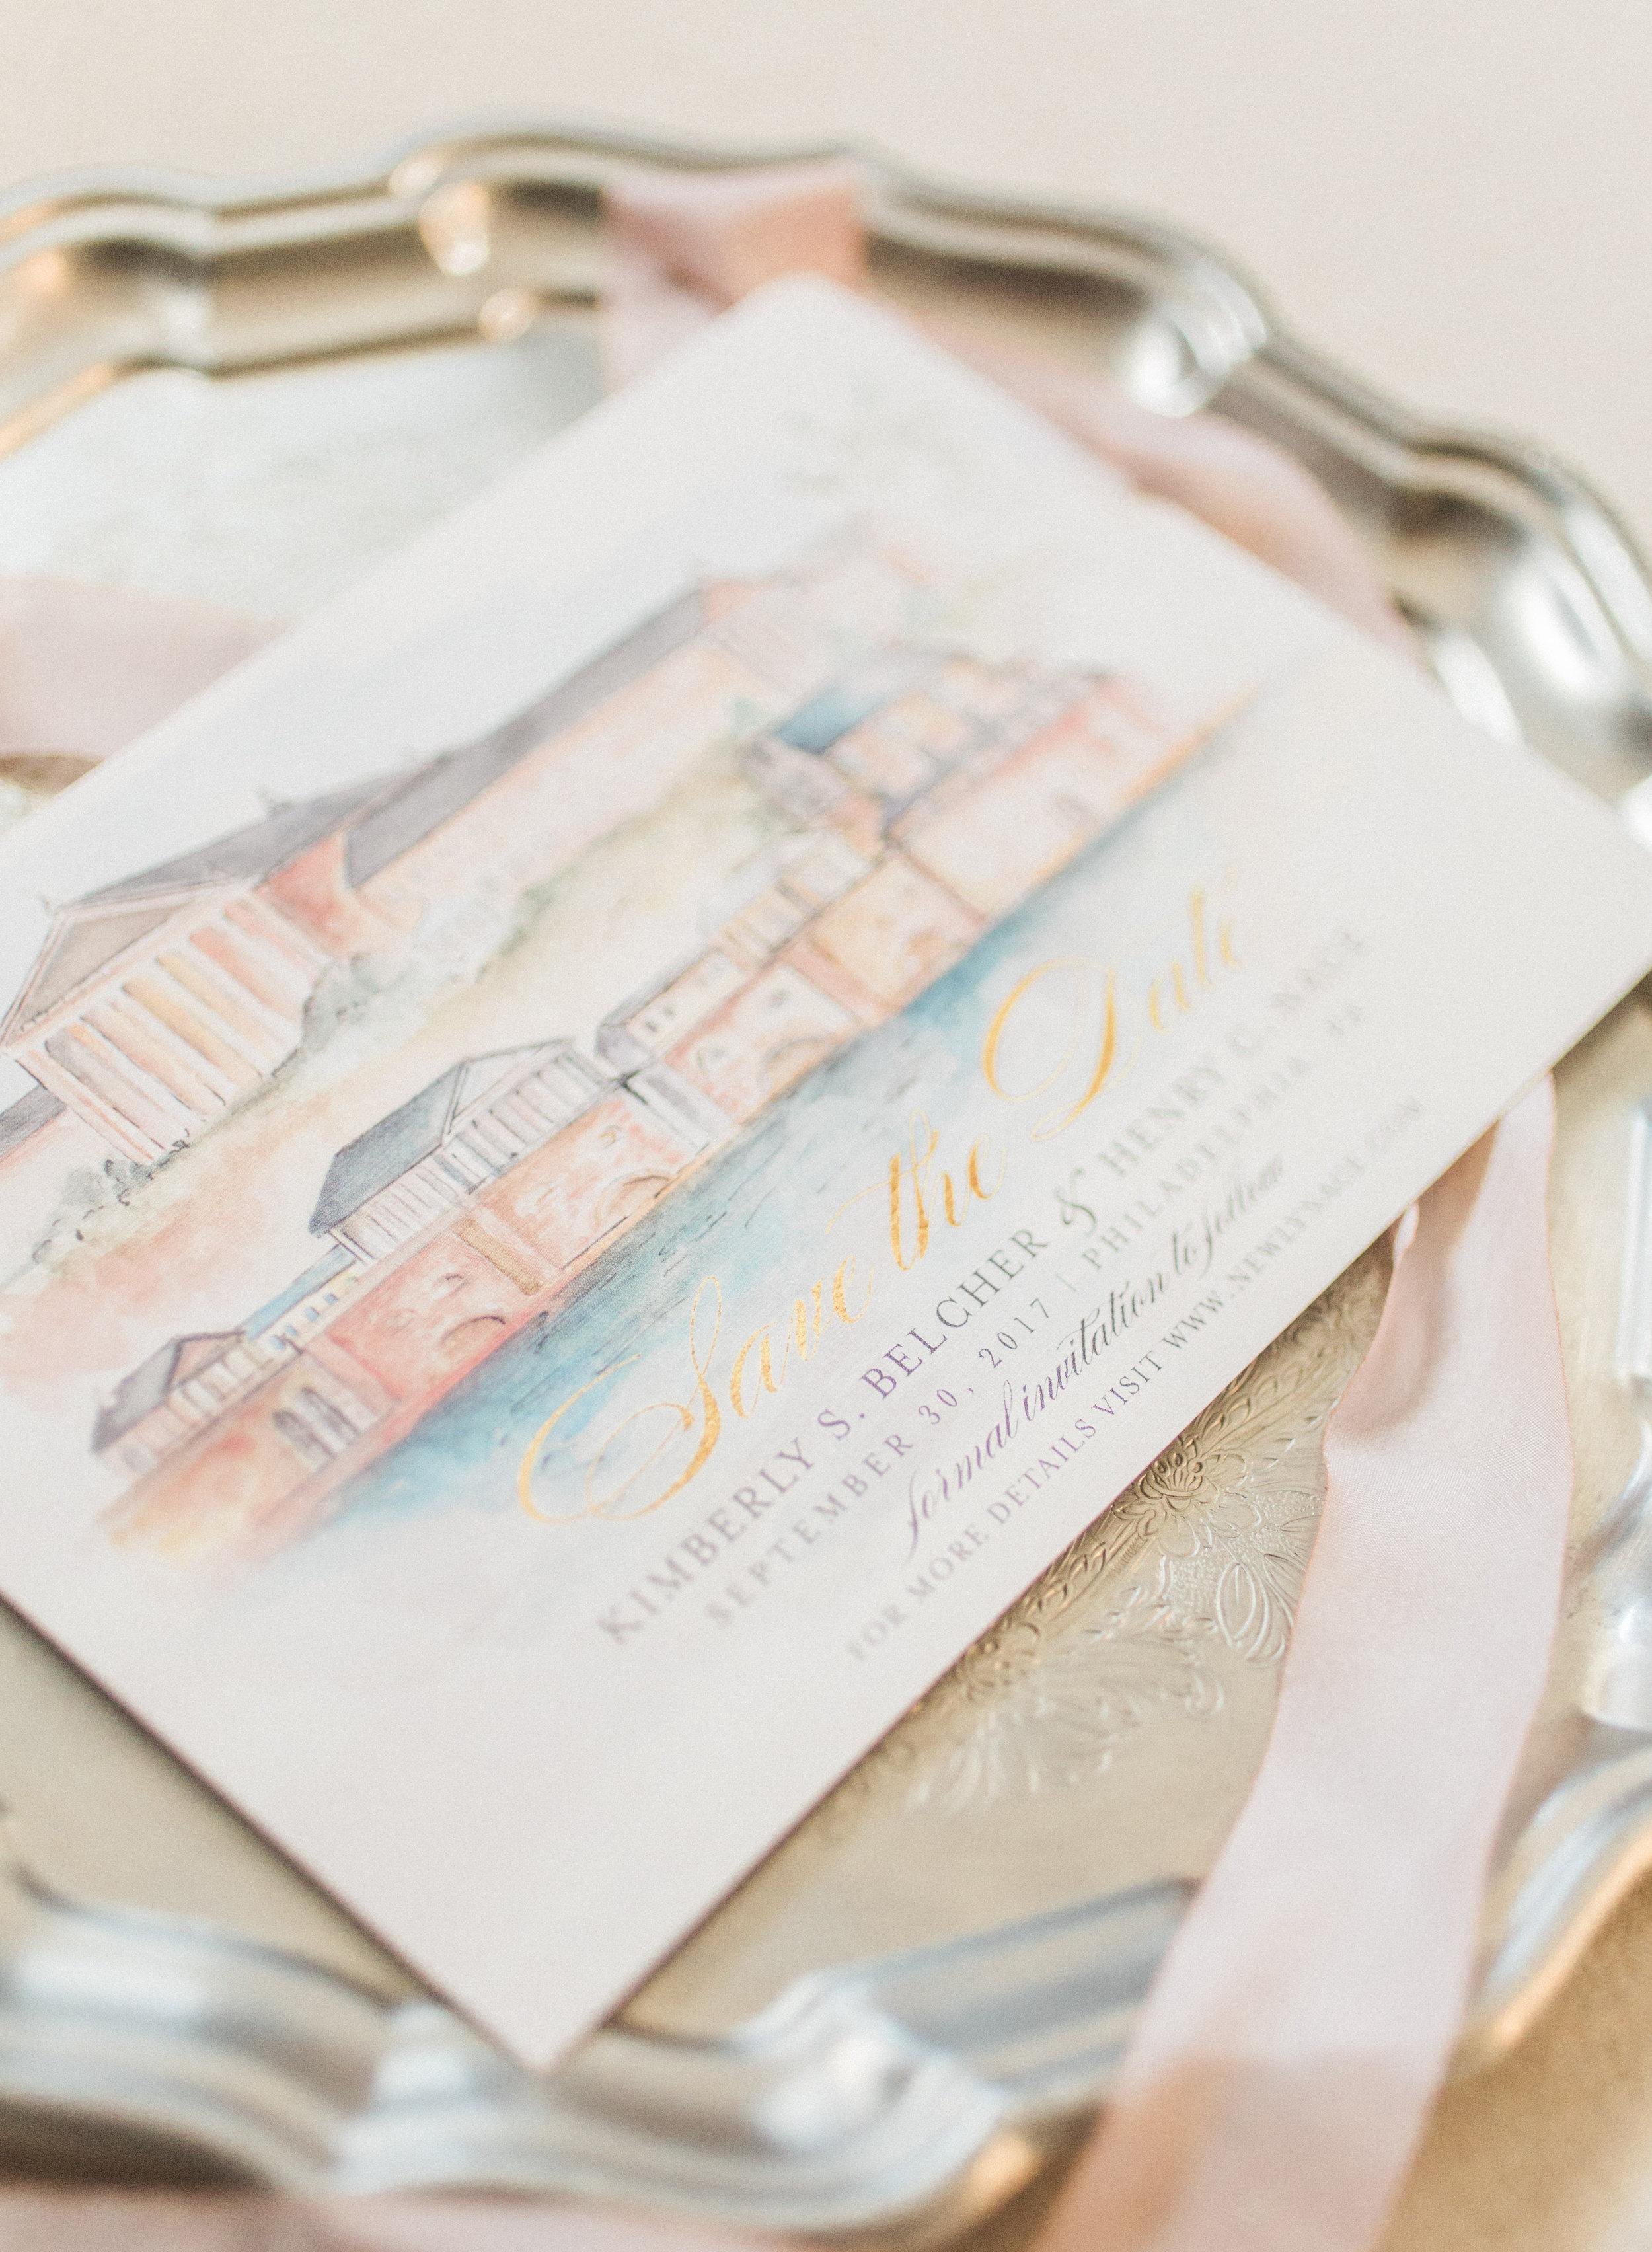 Hudson-Nichols-Black-Tie-Bride-Philadelphia-Waterworks-Wedding-Watercolor-Invitations-Papertree02.jpg